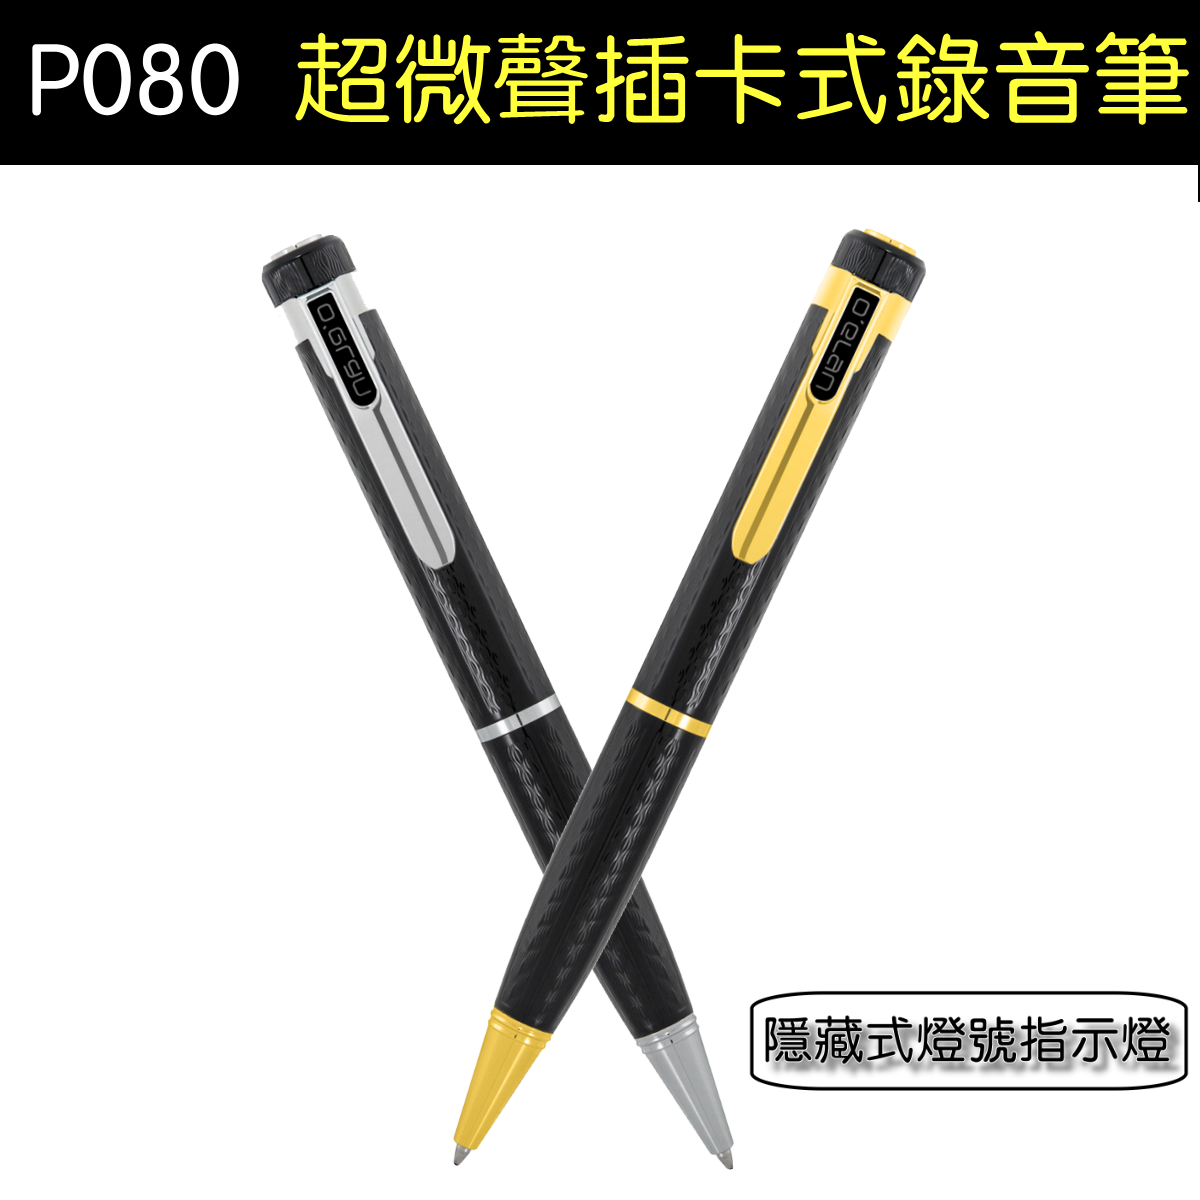 【送32G記憶卡】 Vitas 筆型插卡式錄音筆 P080 內建超微聲麥克風 智慧型降噪 高續航力 可書寫 隱藏式無燈號顯示